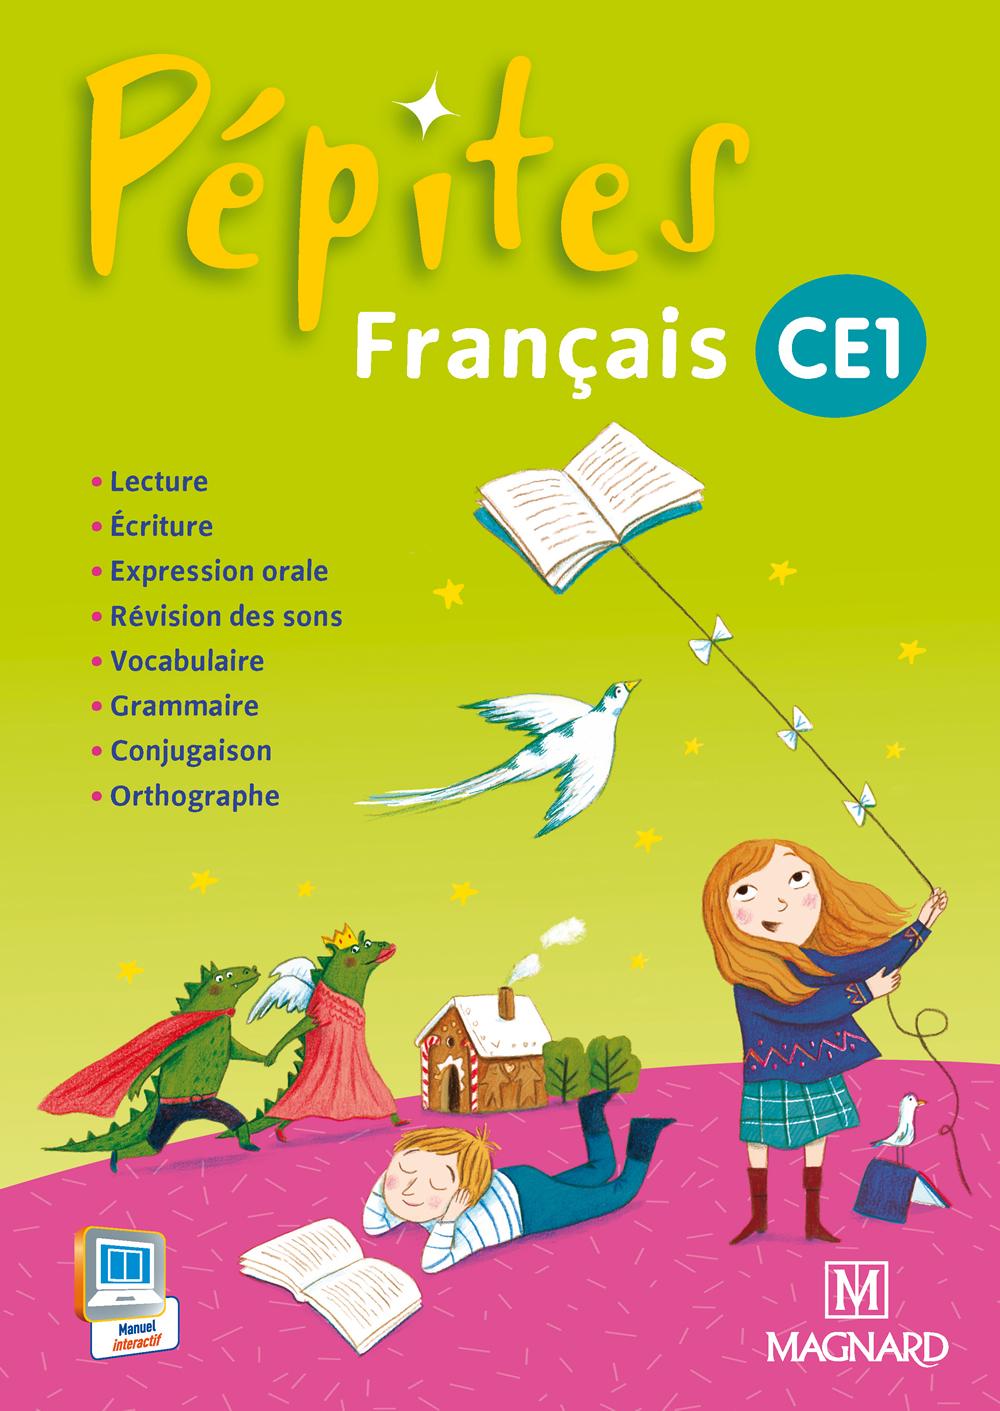 Pépites Français Ce1 - Livre De L'élève | Magnard Enseignants destiné Activité Manuelle Pour Cp